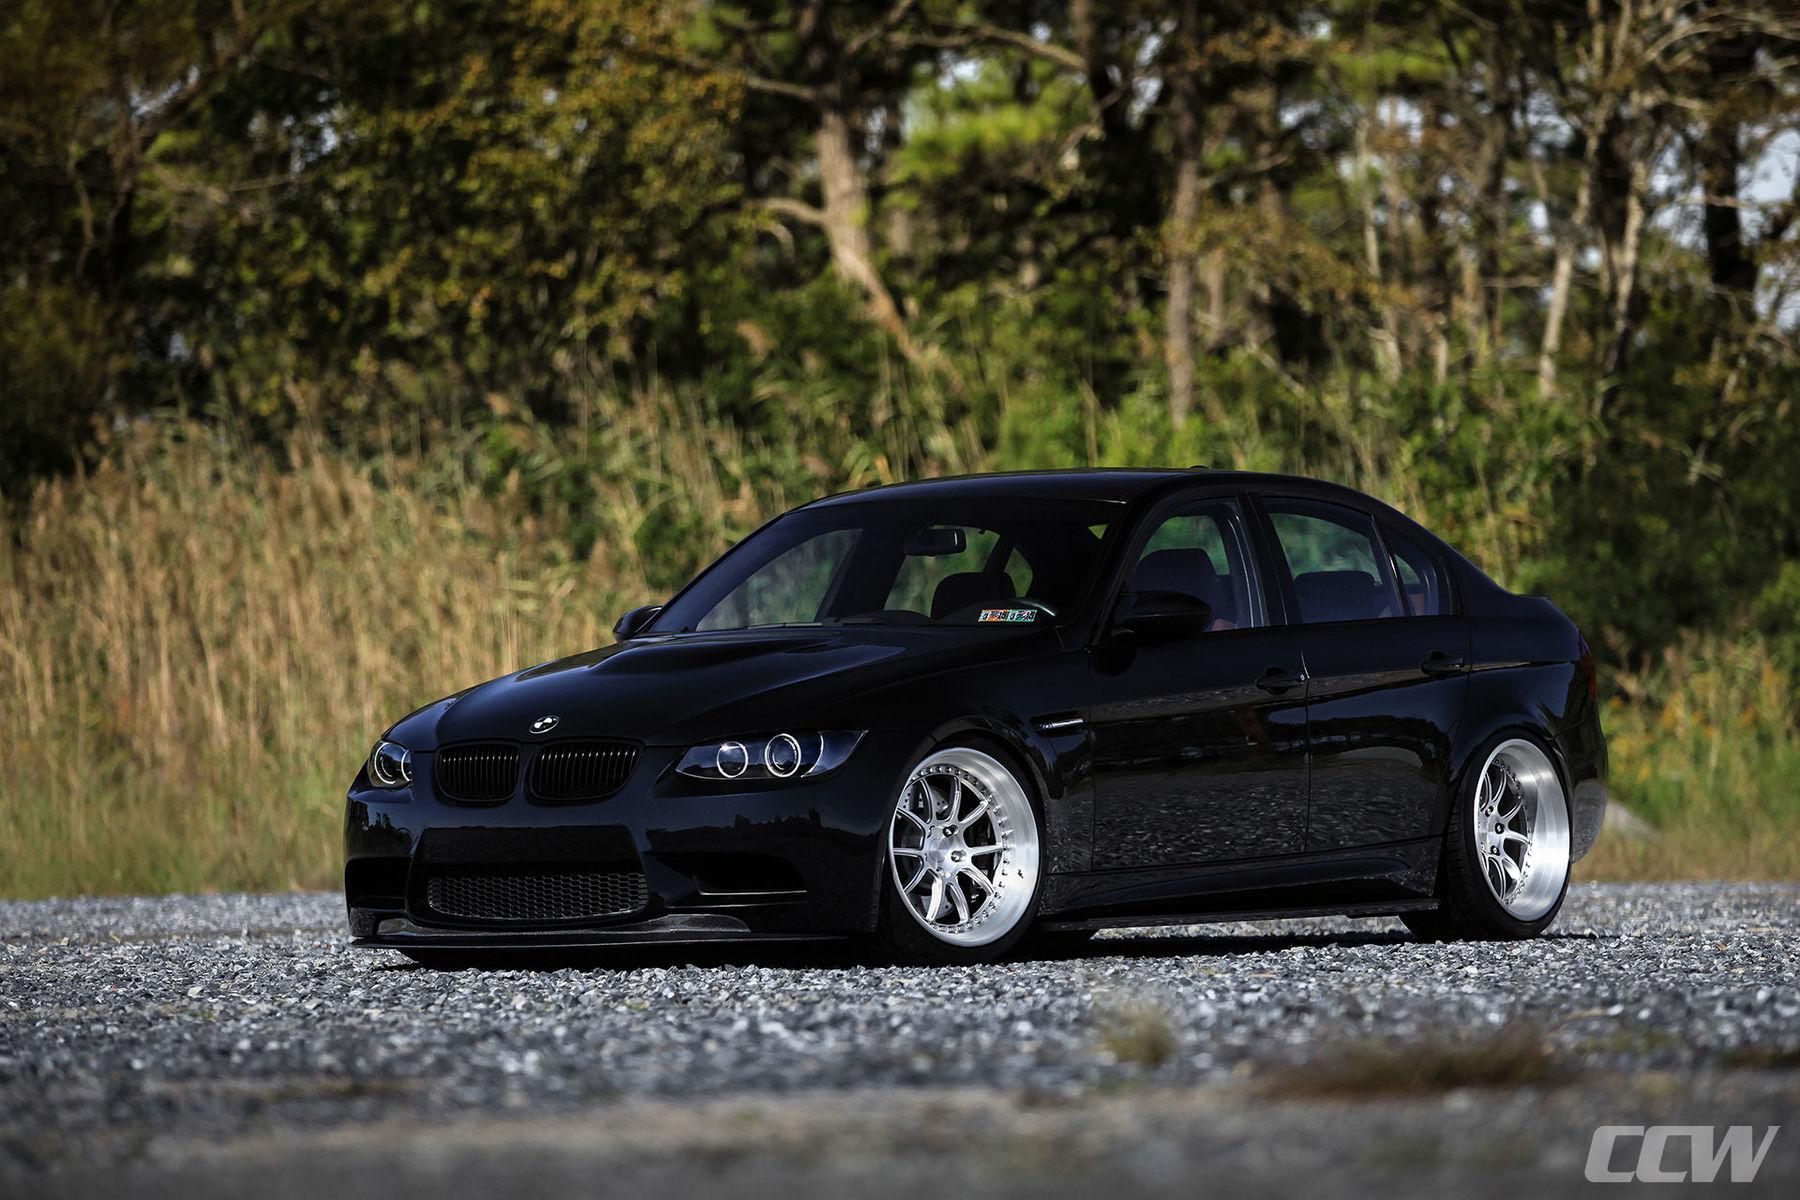 2010 BMW M3 | Black BMW E90 M3 Sedan - CCW HS540 Hybrid 2 Piece Forged Wheels